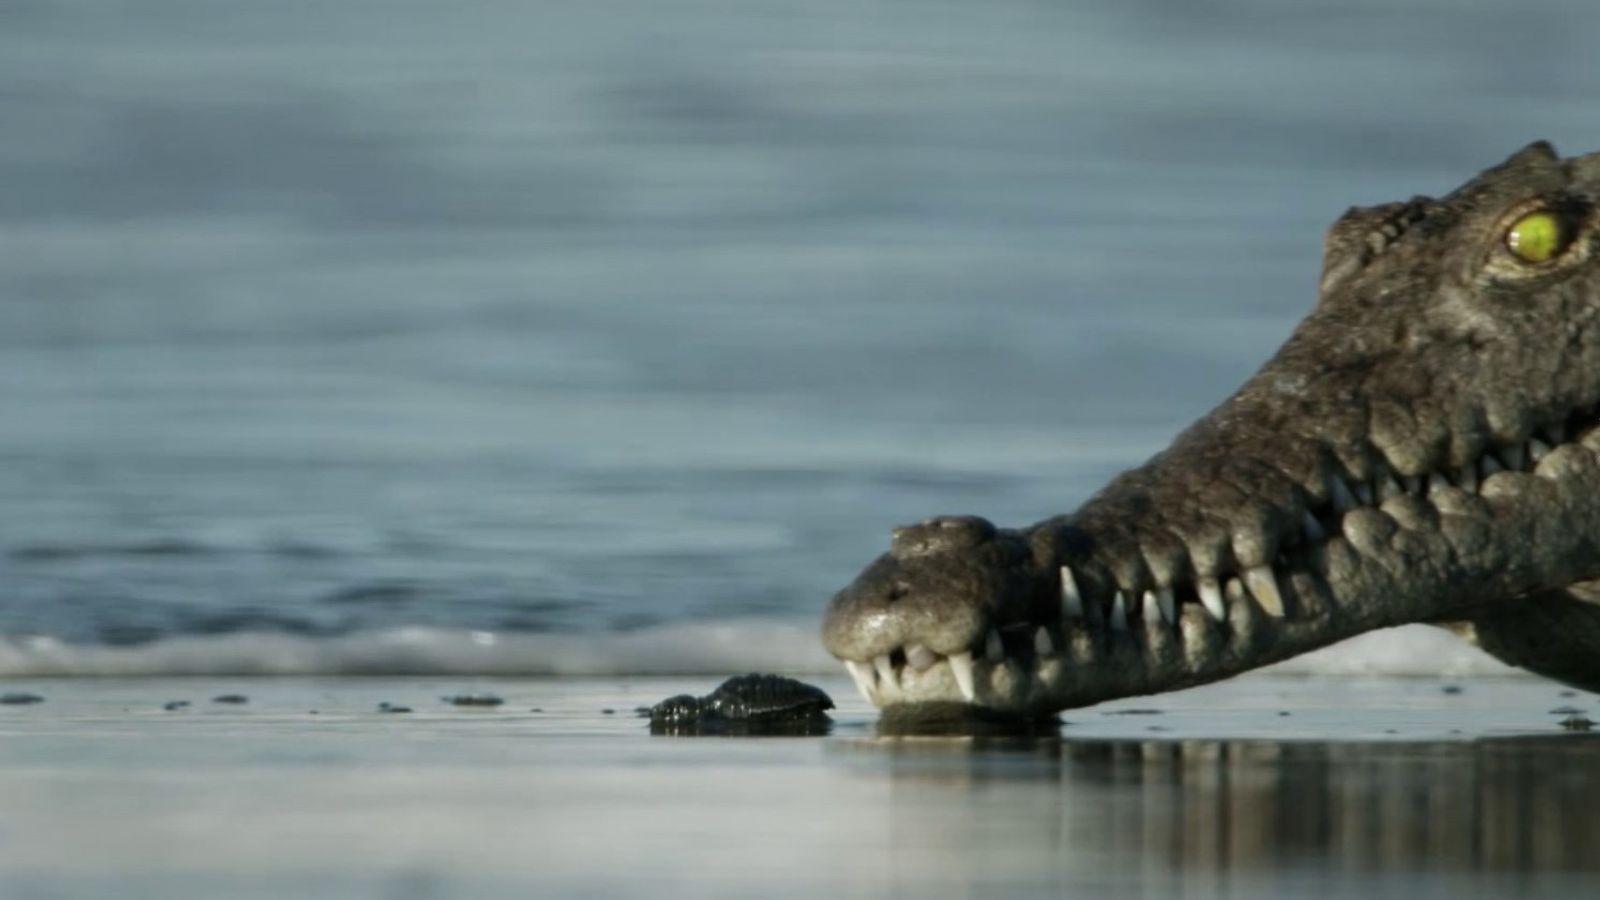 La survie des bébés tortues | Planète Hostile